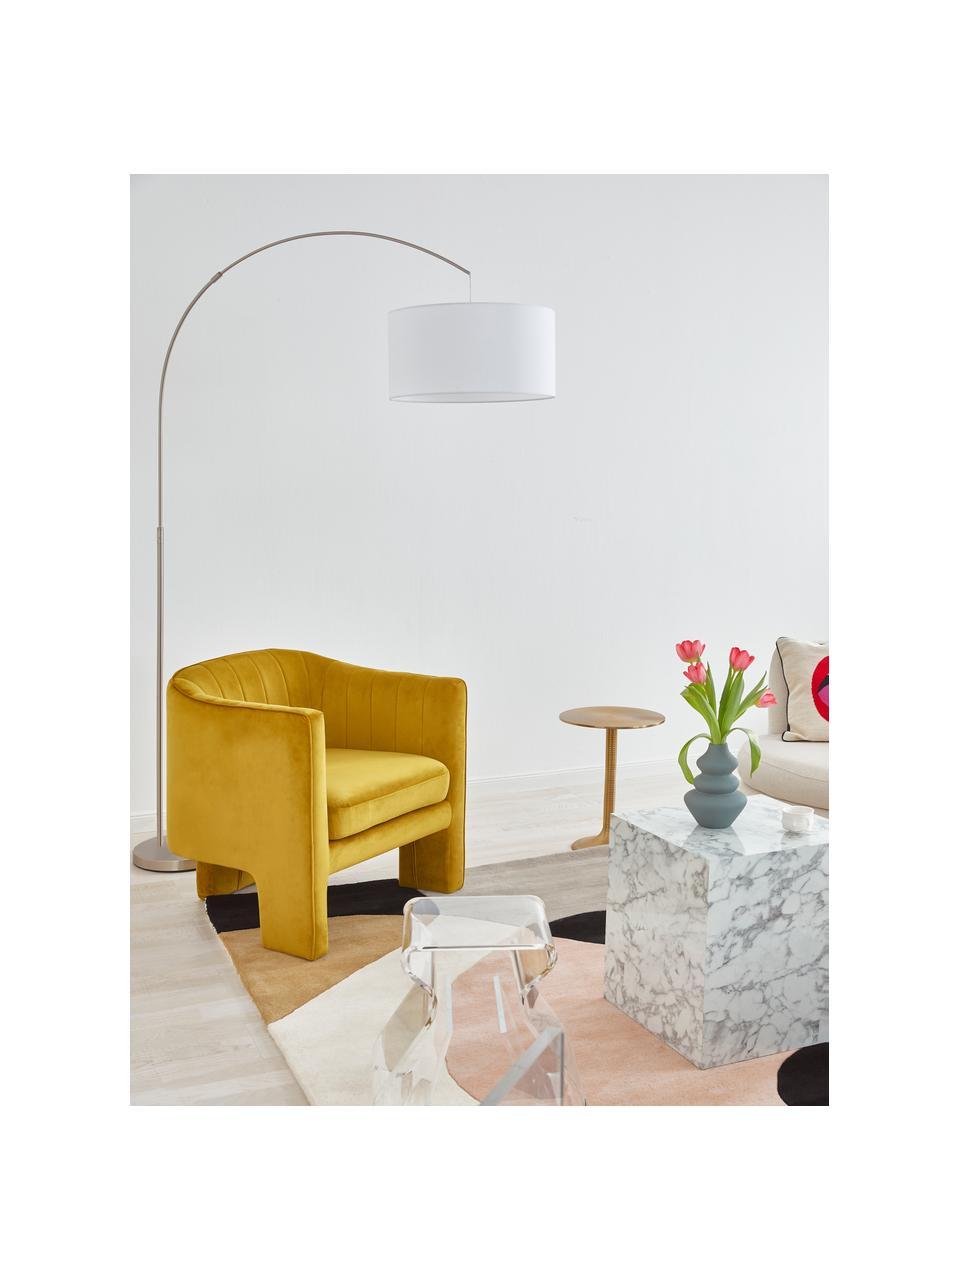 Lampa podłogowa w kształcie łuku Niels, Biały, chrom, transparentny, S 157 x W 218 cm